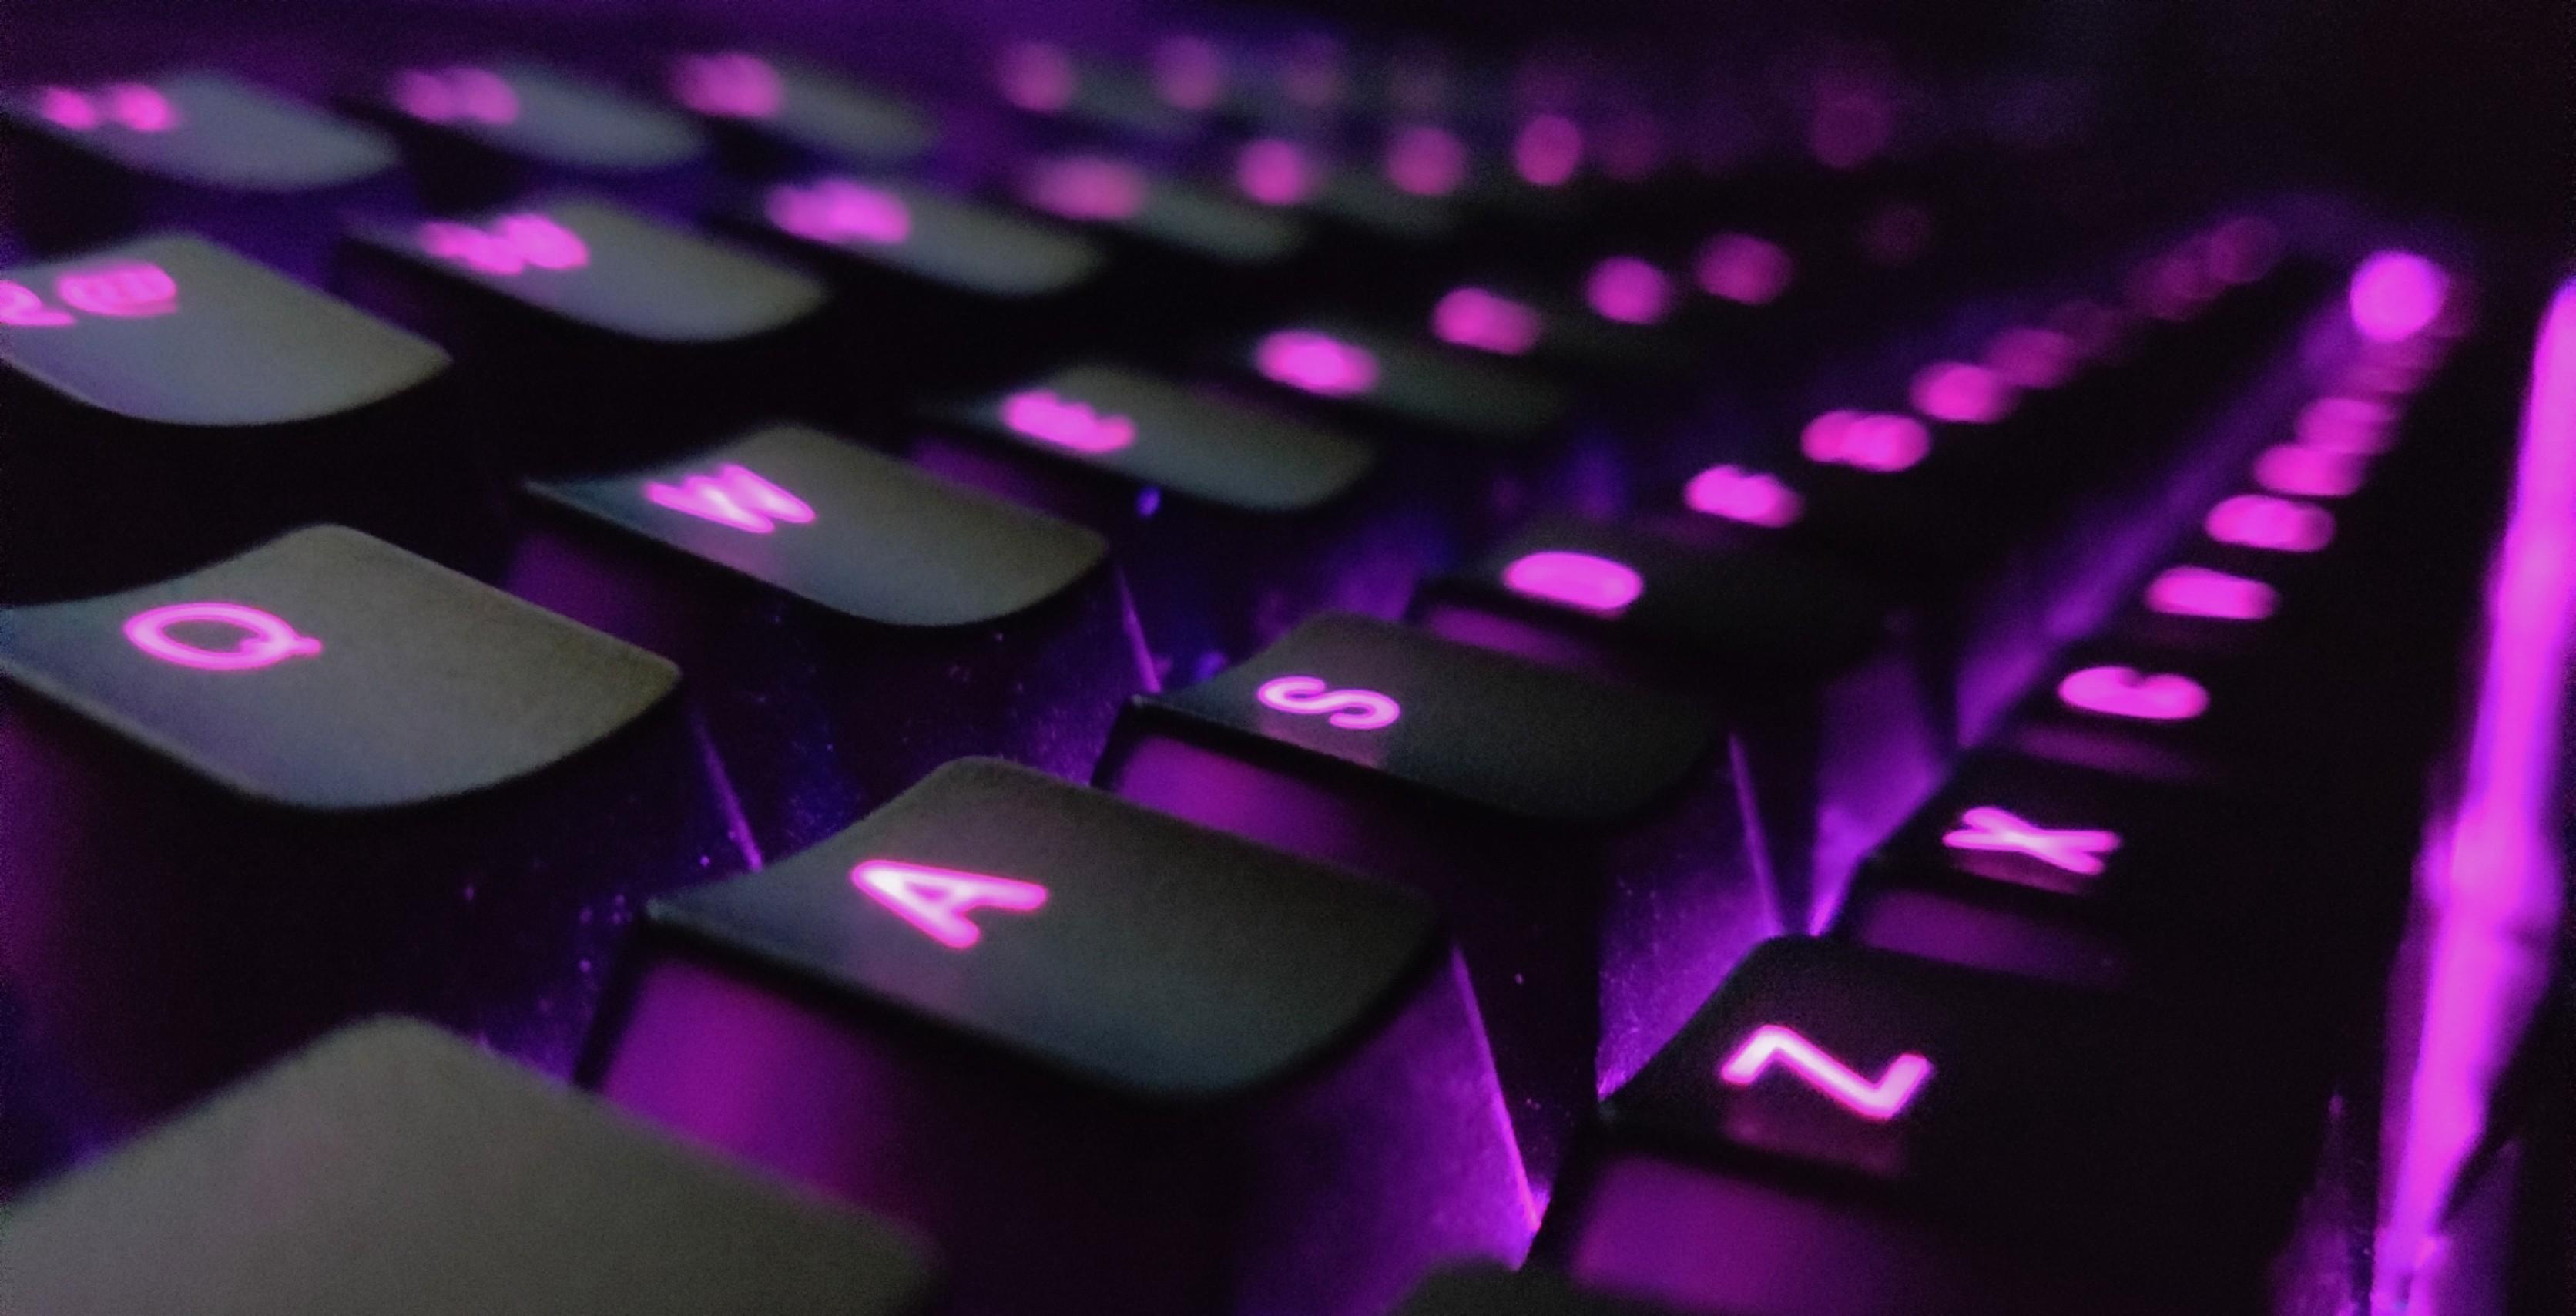 М'ясний гігант JBS відкупився від хакерів за 11 мільйонів доларів